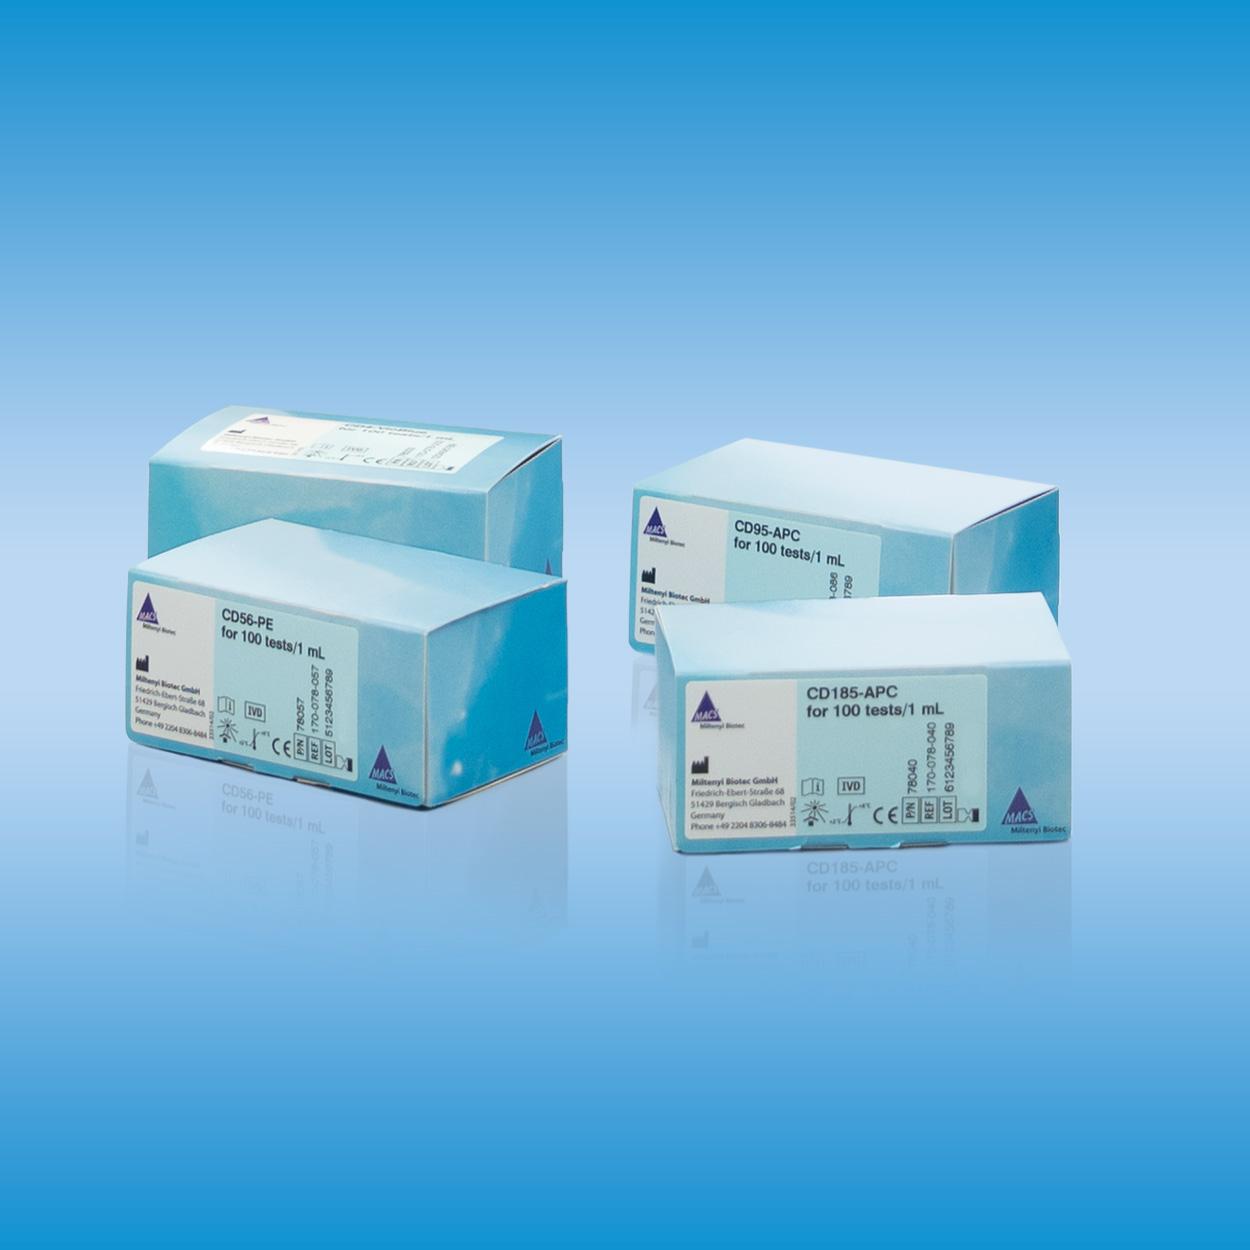 CD94 antibodies